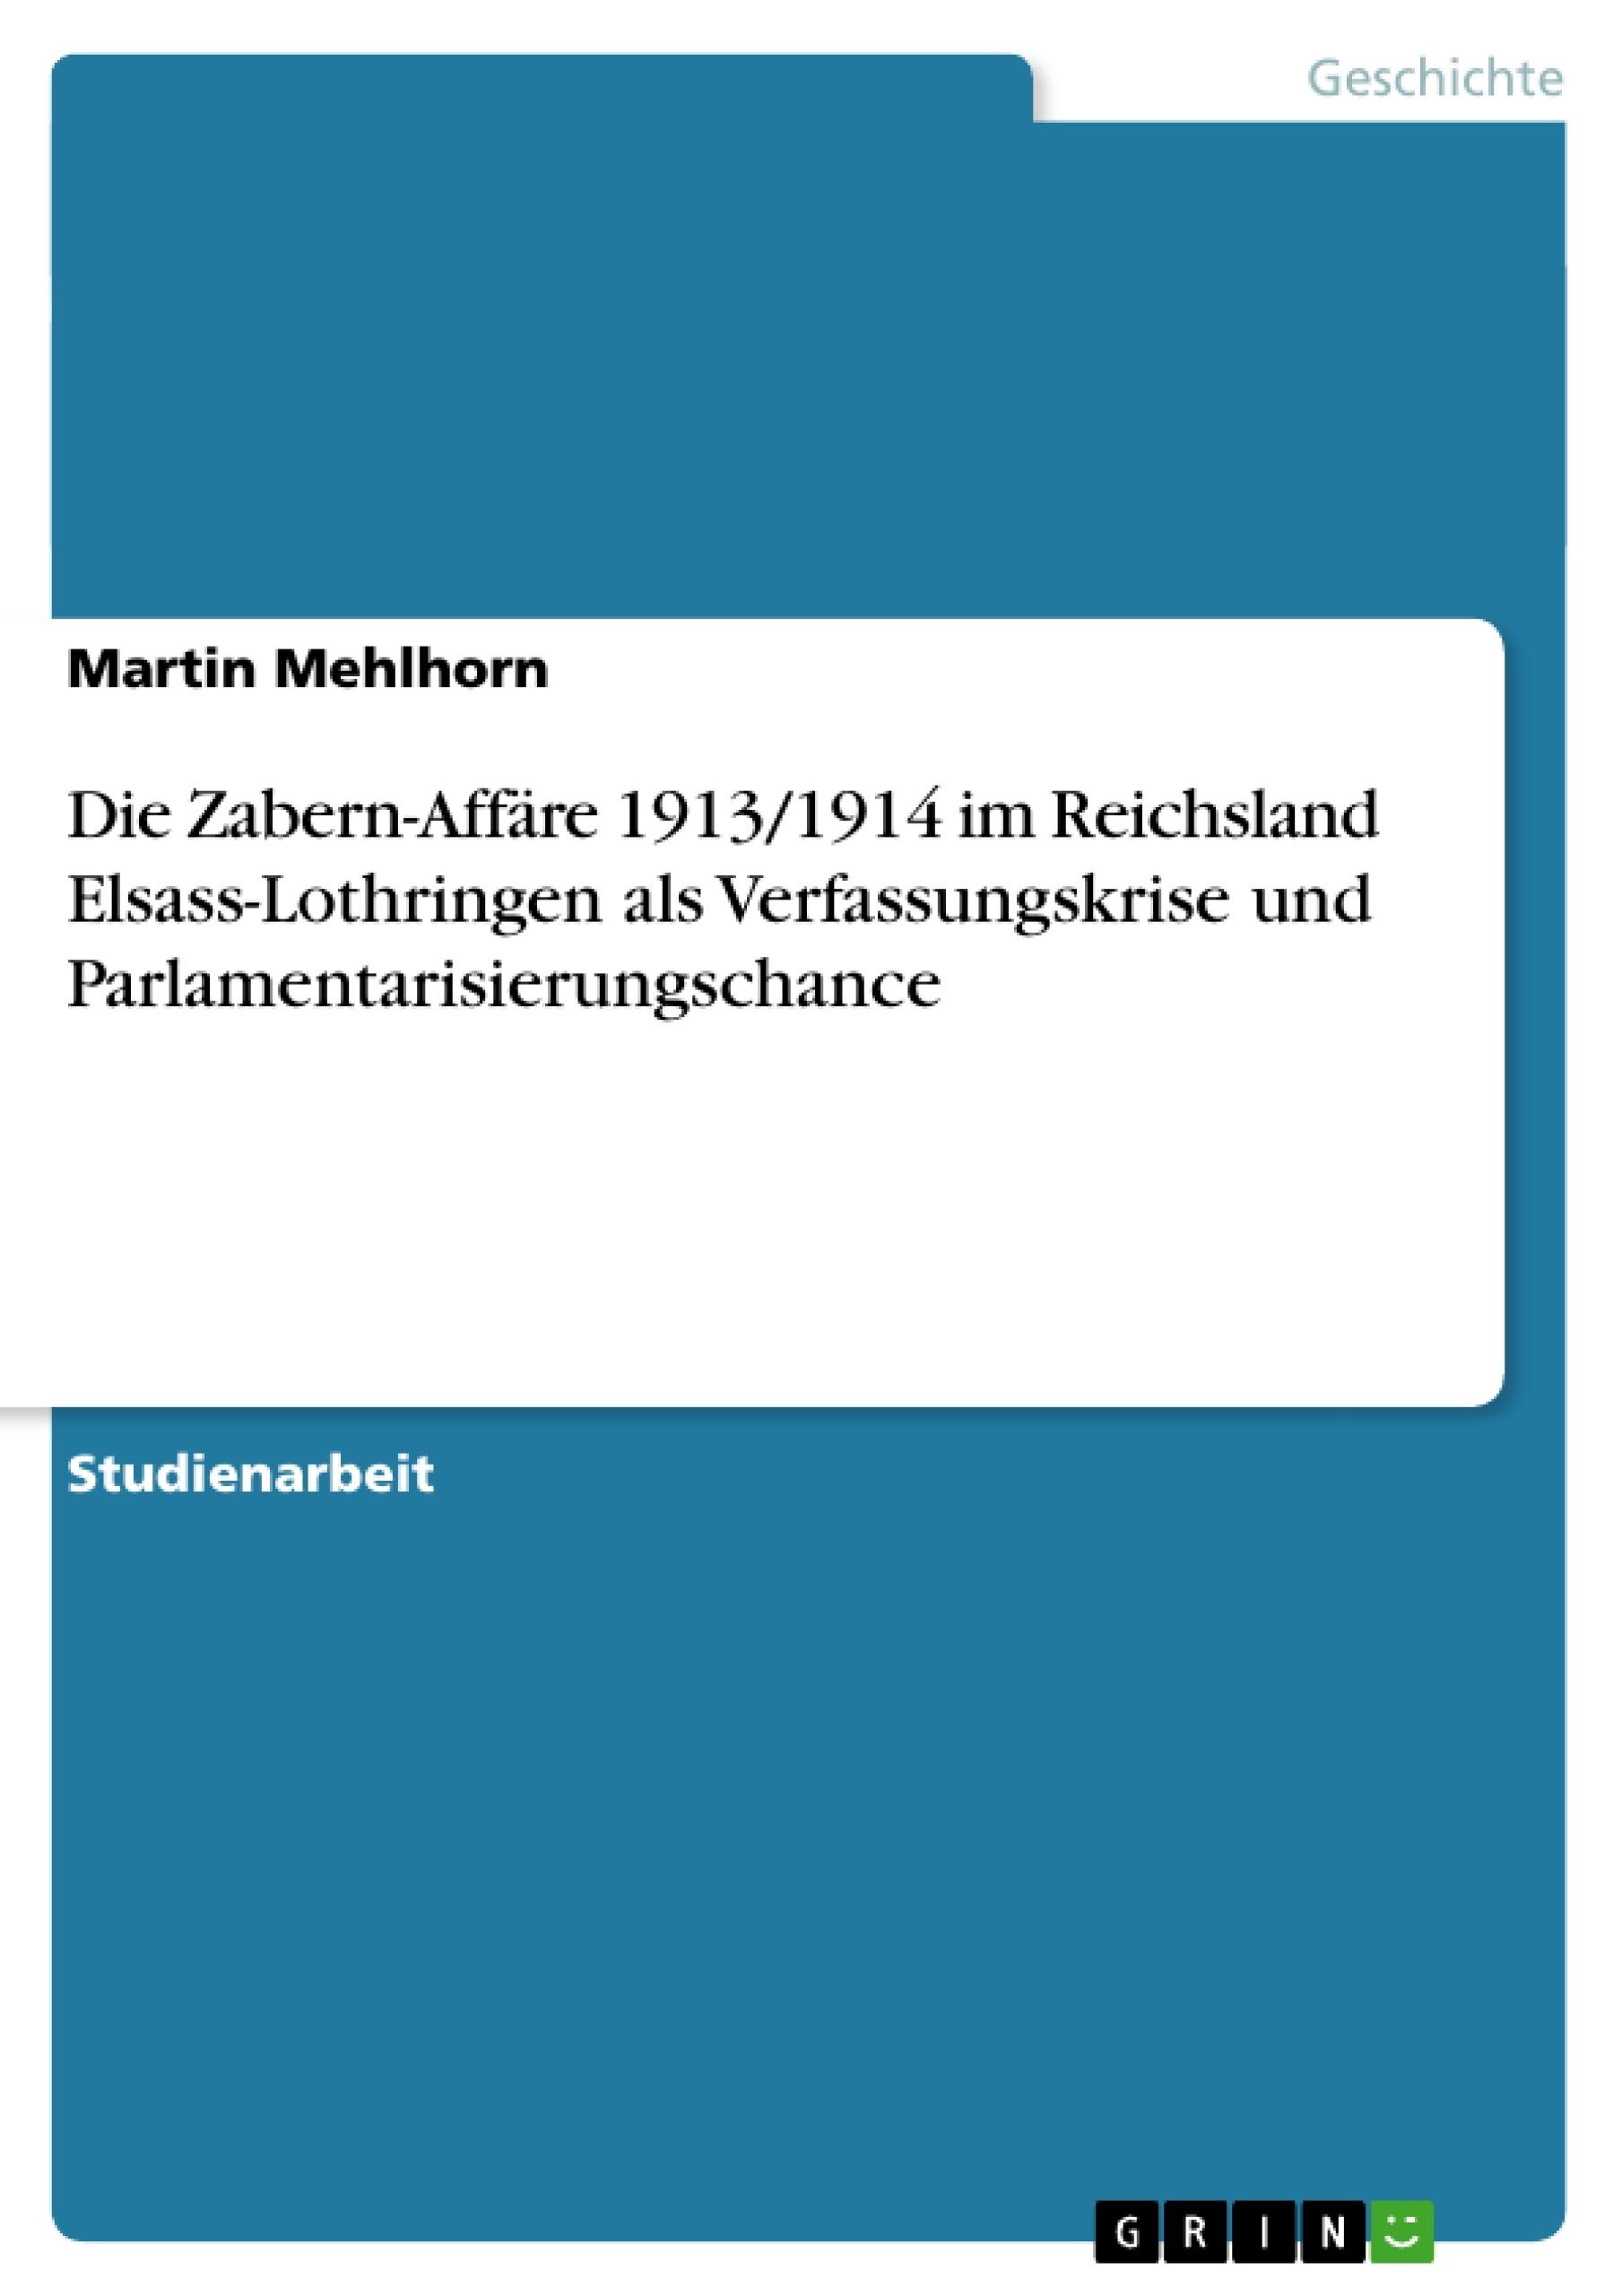 Titel: Die Zabern-Affäre 1913/1914 im Reichsland Elsass-Lothringen als Verfassungskrise und Parlamentarisierungschance